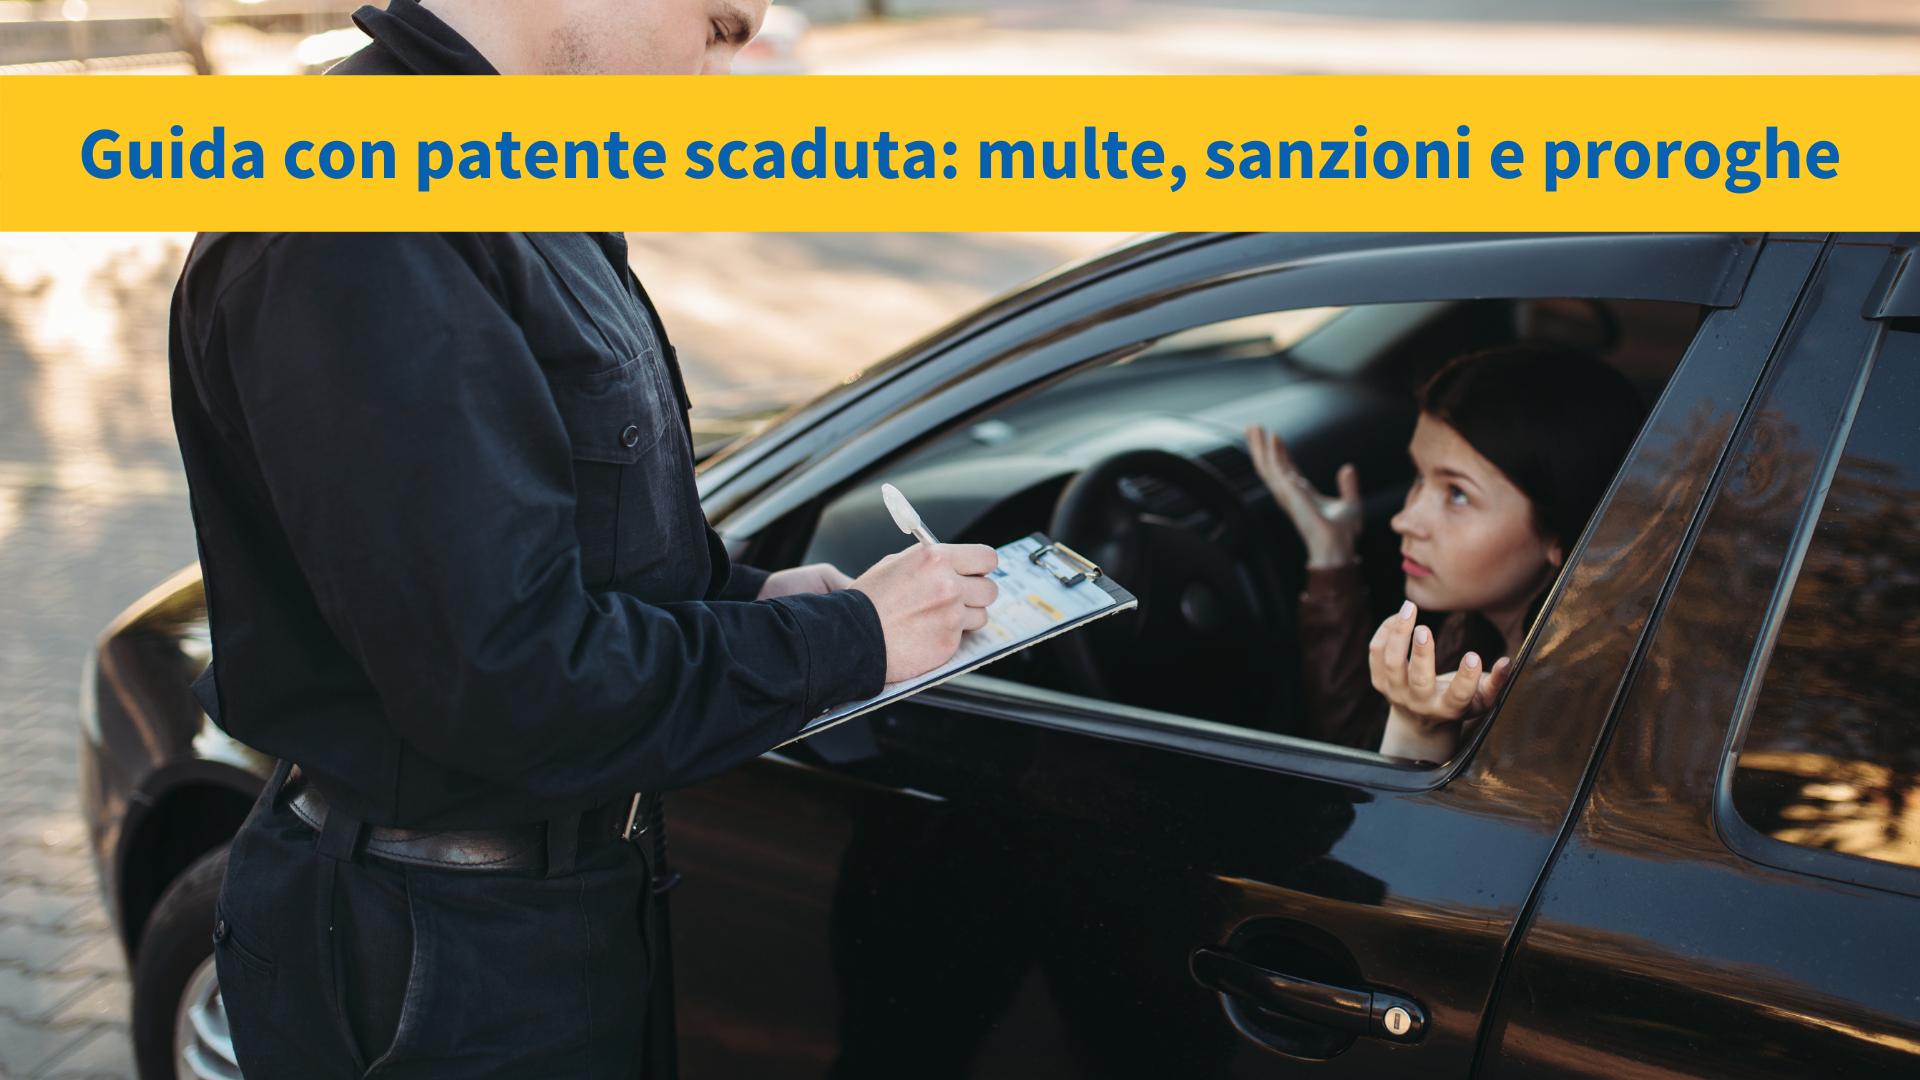 Guida con patente scaduta: multe, sanzioni e proroghe